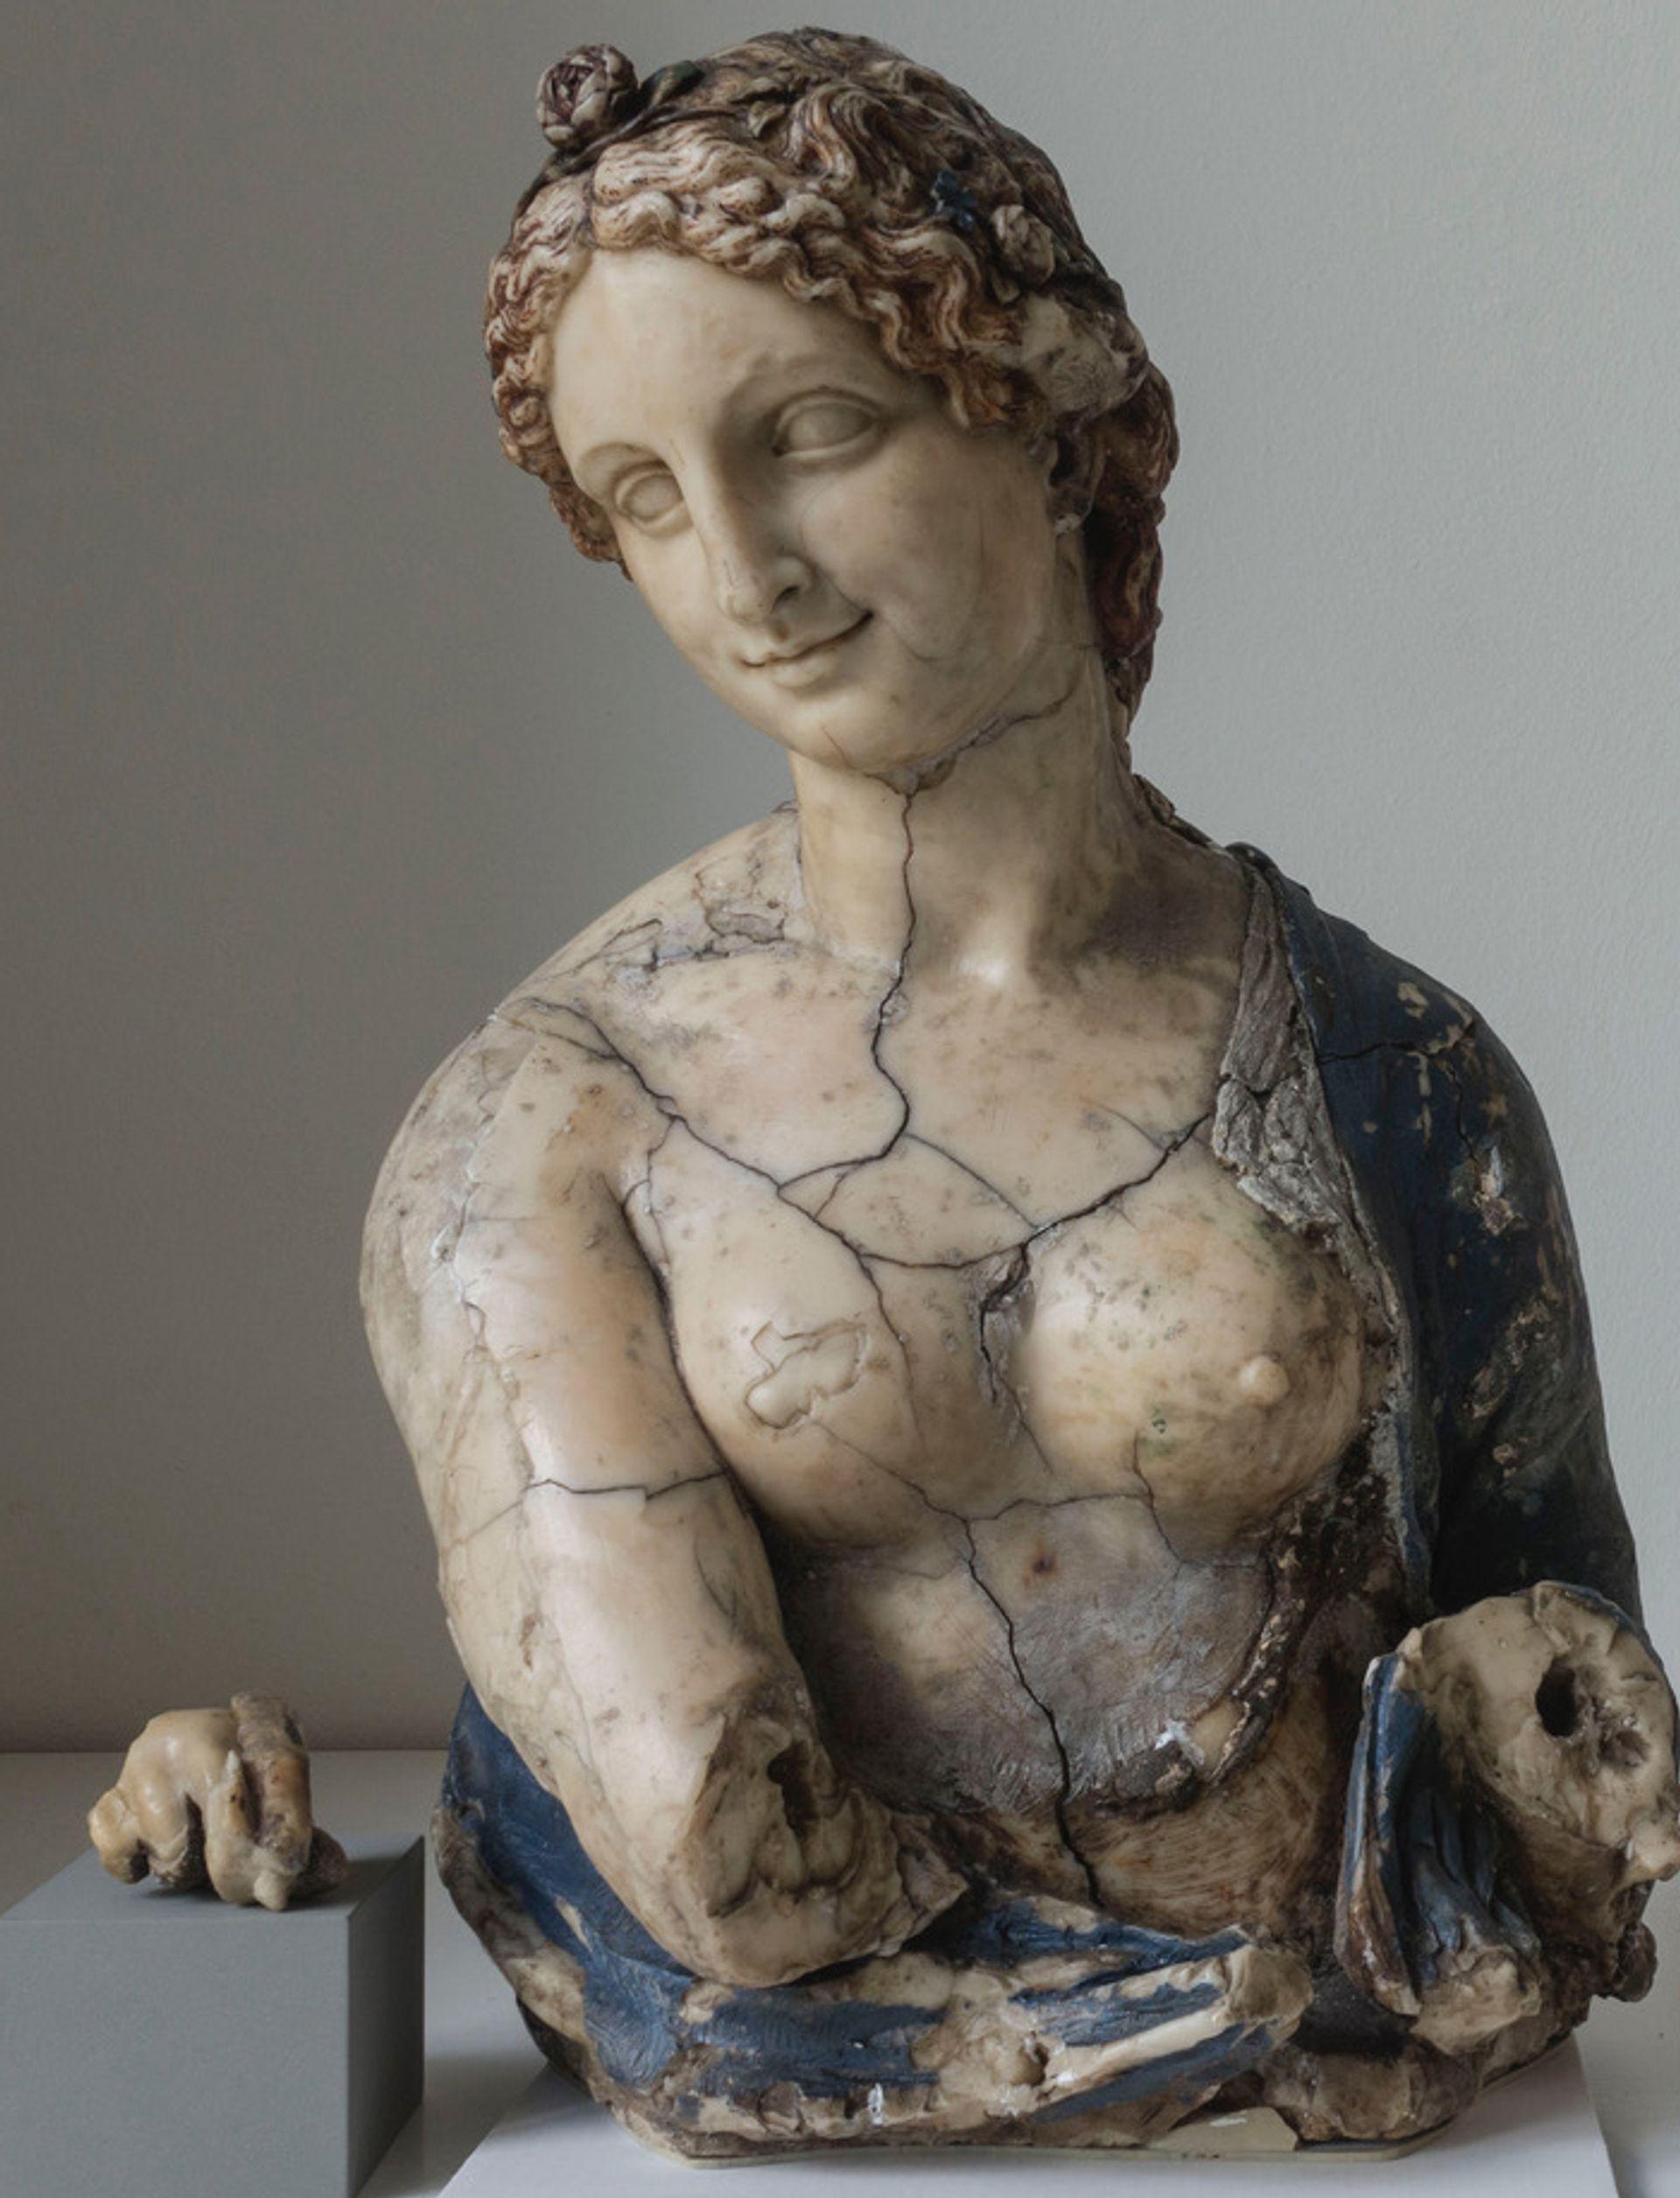 The bust of Flora may not be Leonardo after all Image: Stiftung Preußischer Kulturbesitz © SMB-SPK